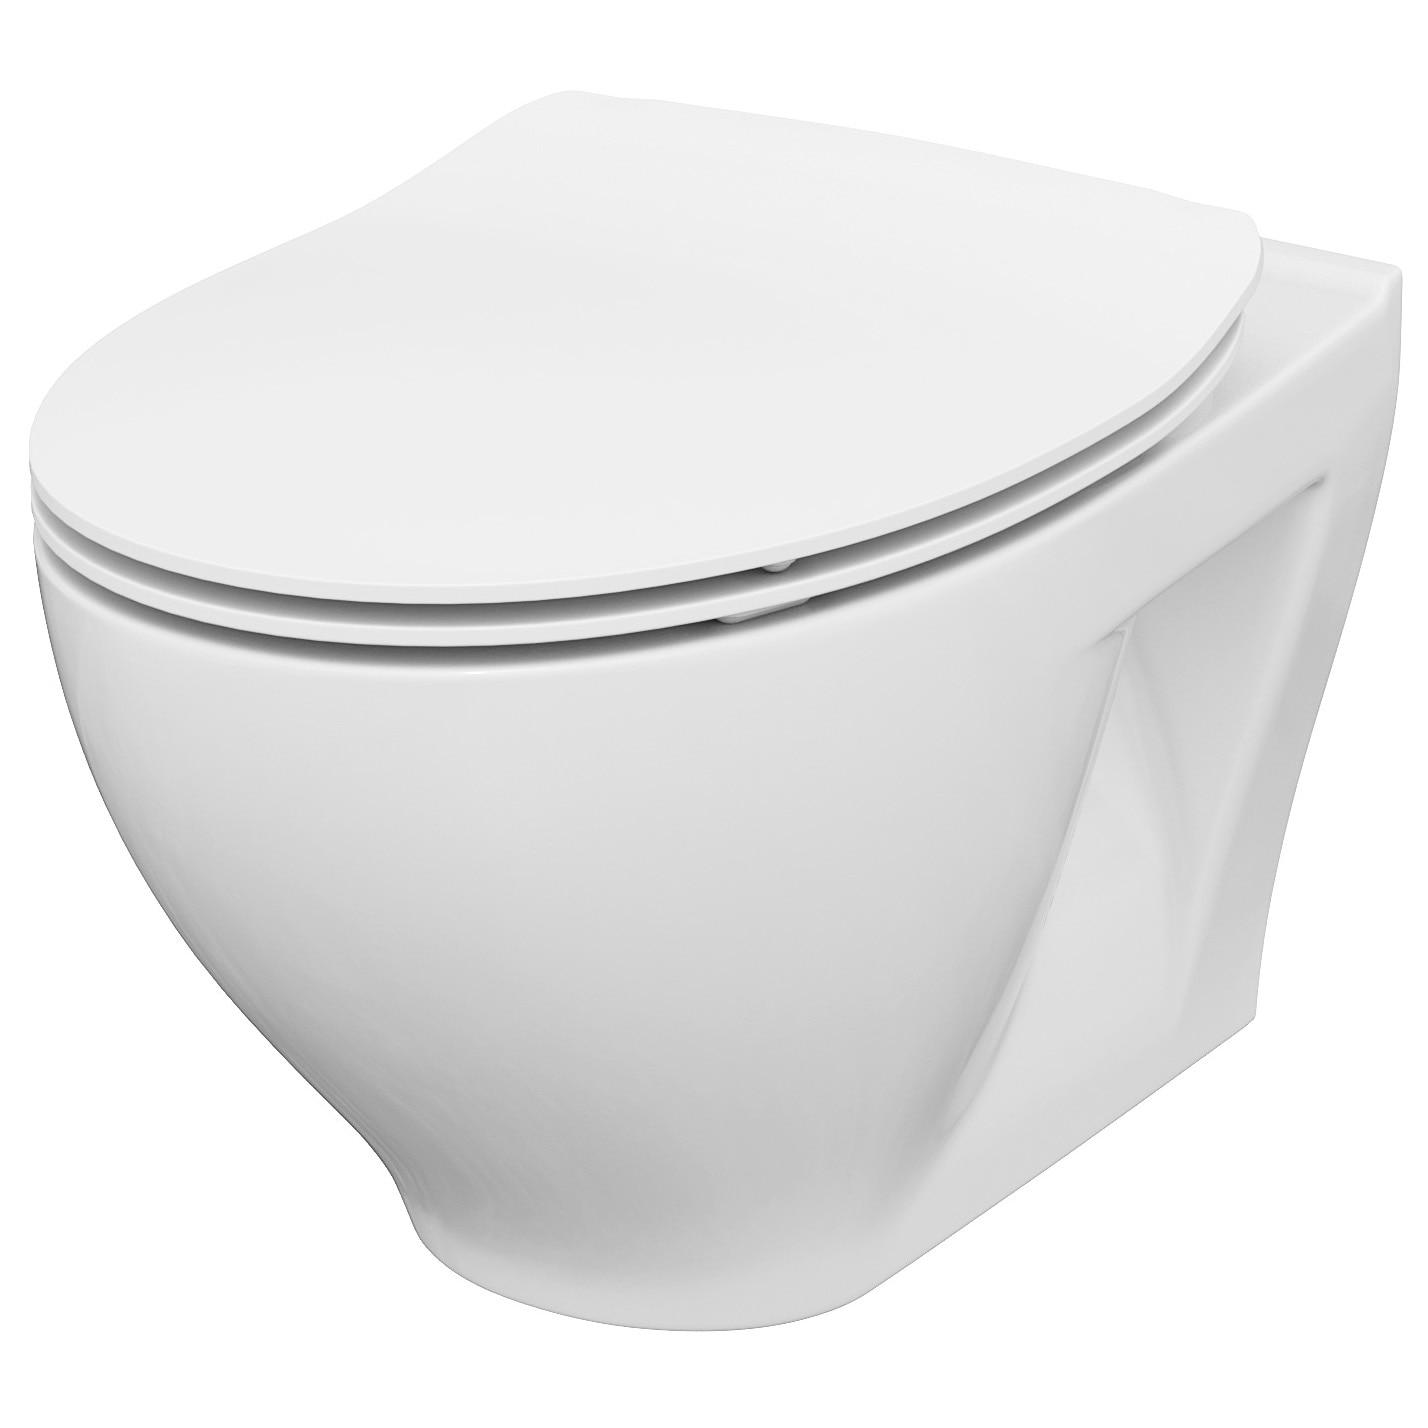 Fotografie Vas WC suspendat Cersanit Moduo 934, K701-147, Clean ON, cu capac duroplast slim, inchidere lenta